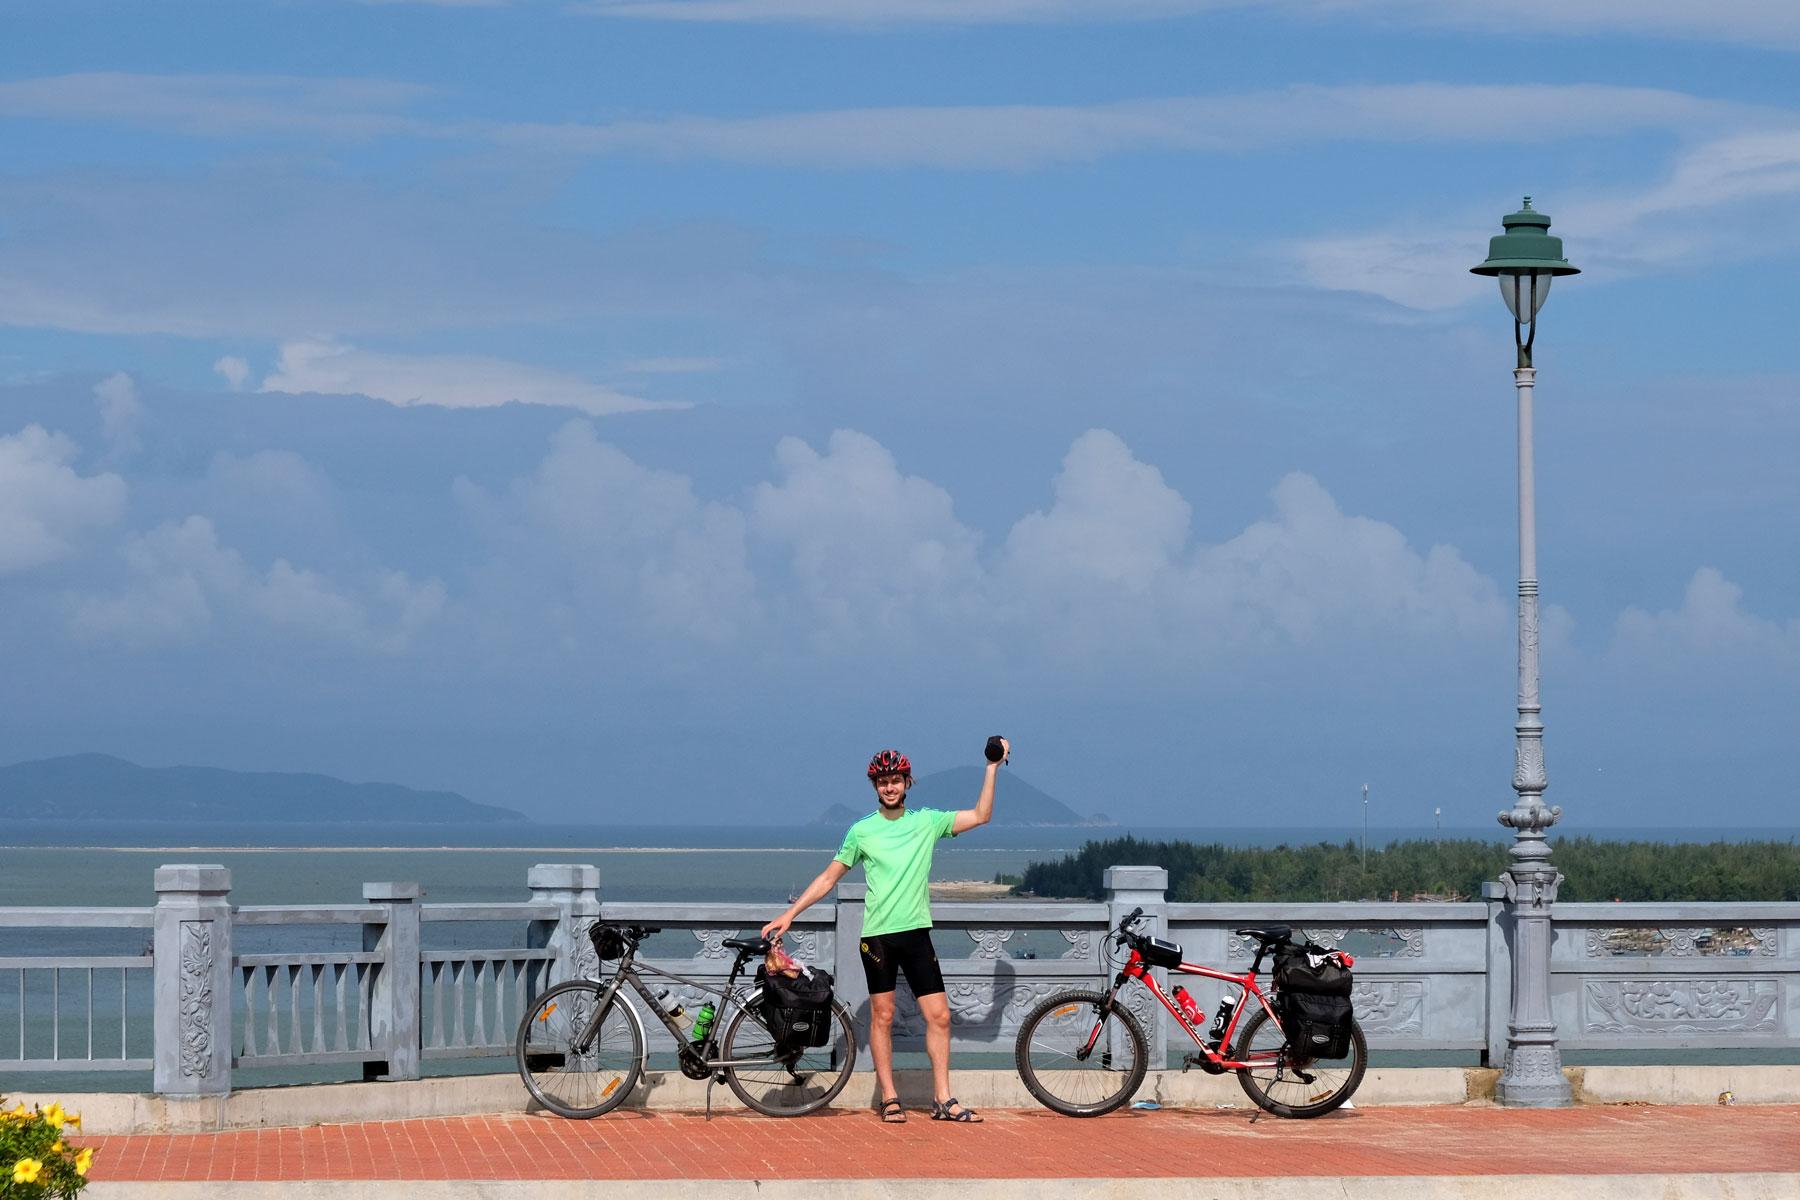 Sebastian steht mit den zwei Fahrrädern auf der großen Brüce vor Hoi An in Vietnam, hinter ihm das Meer.